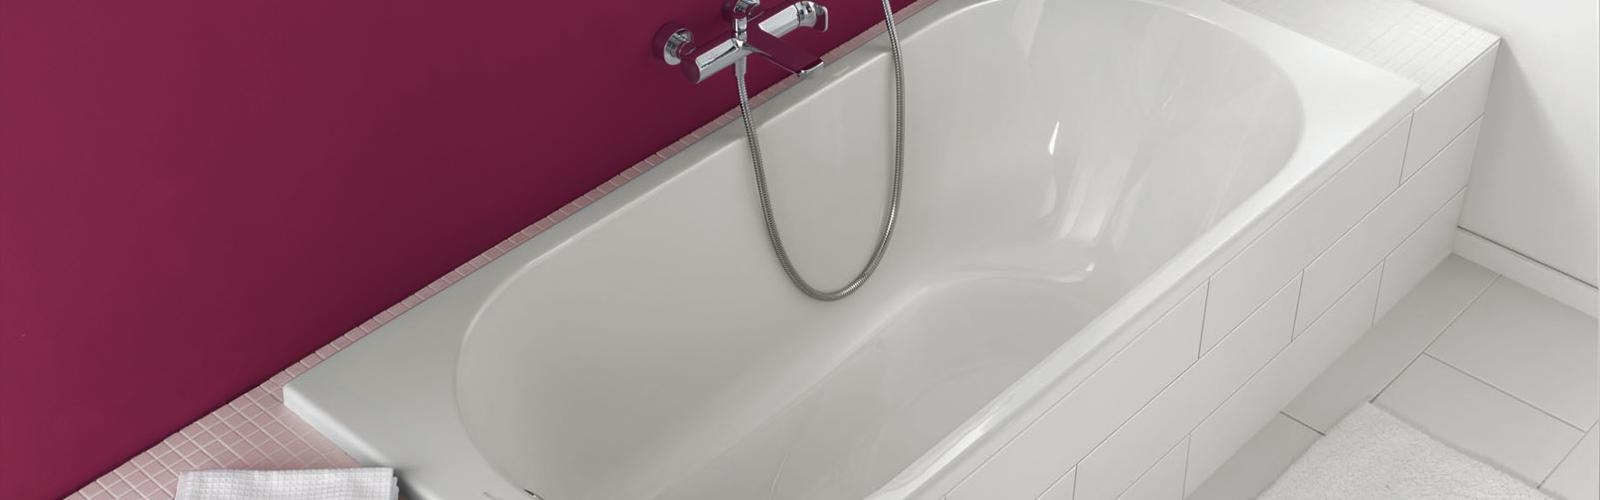 trasformazione vasca in doccia milano - sovrapposizione rismaltatura